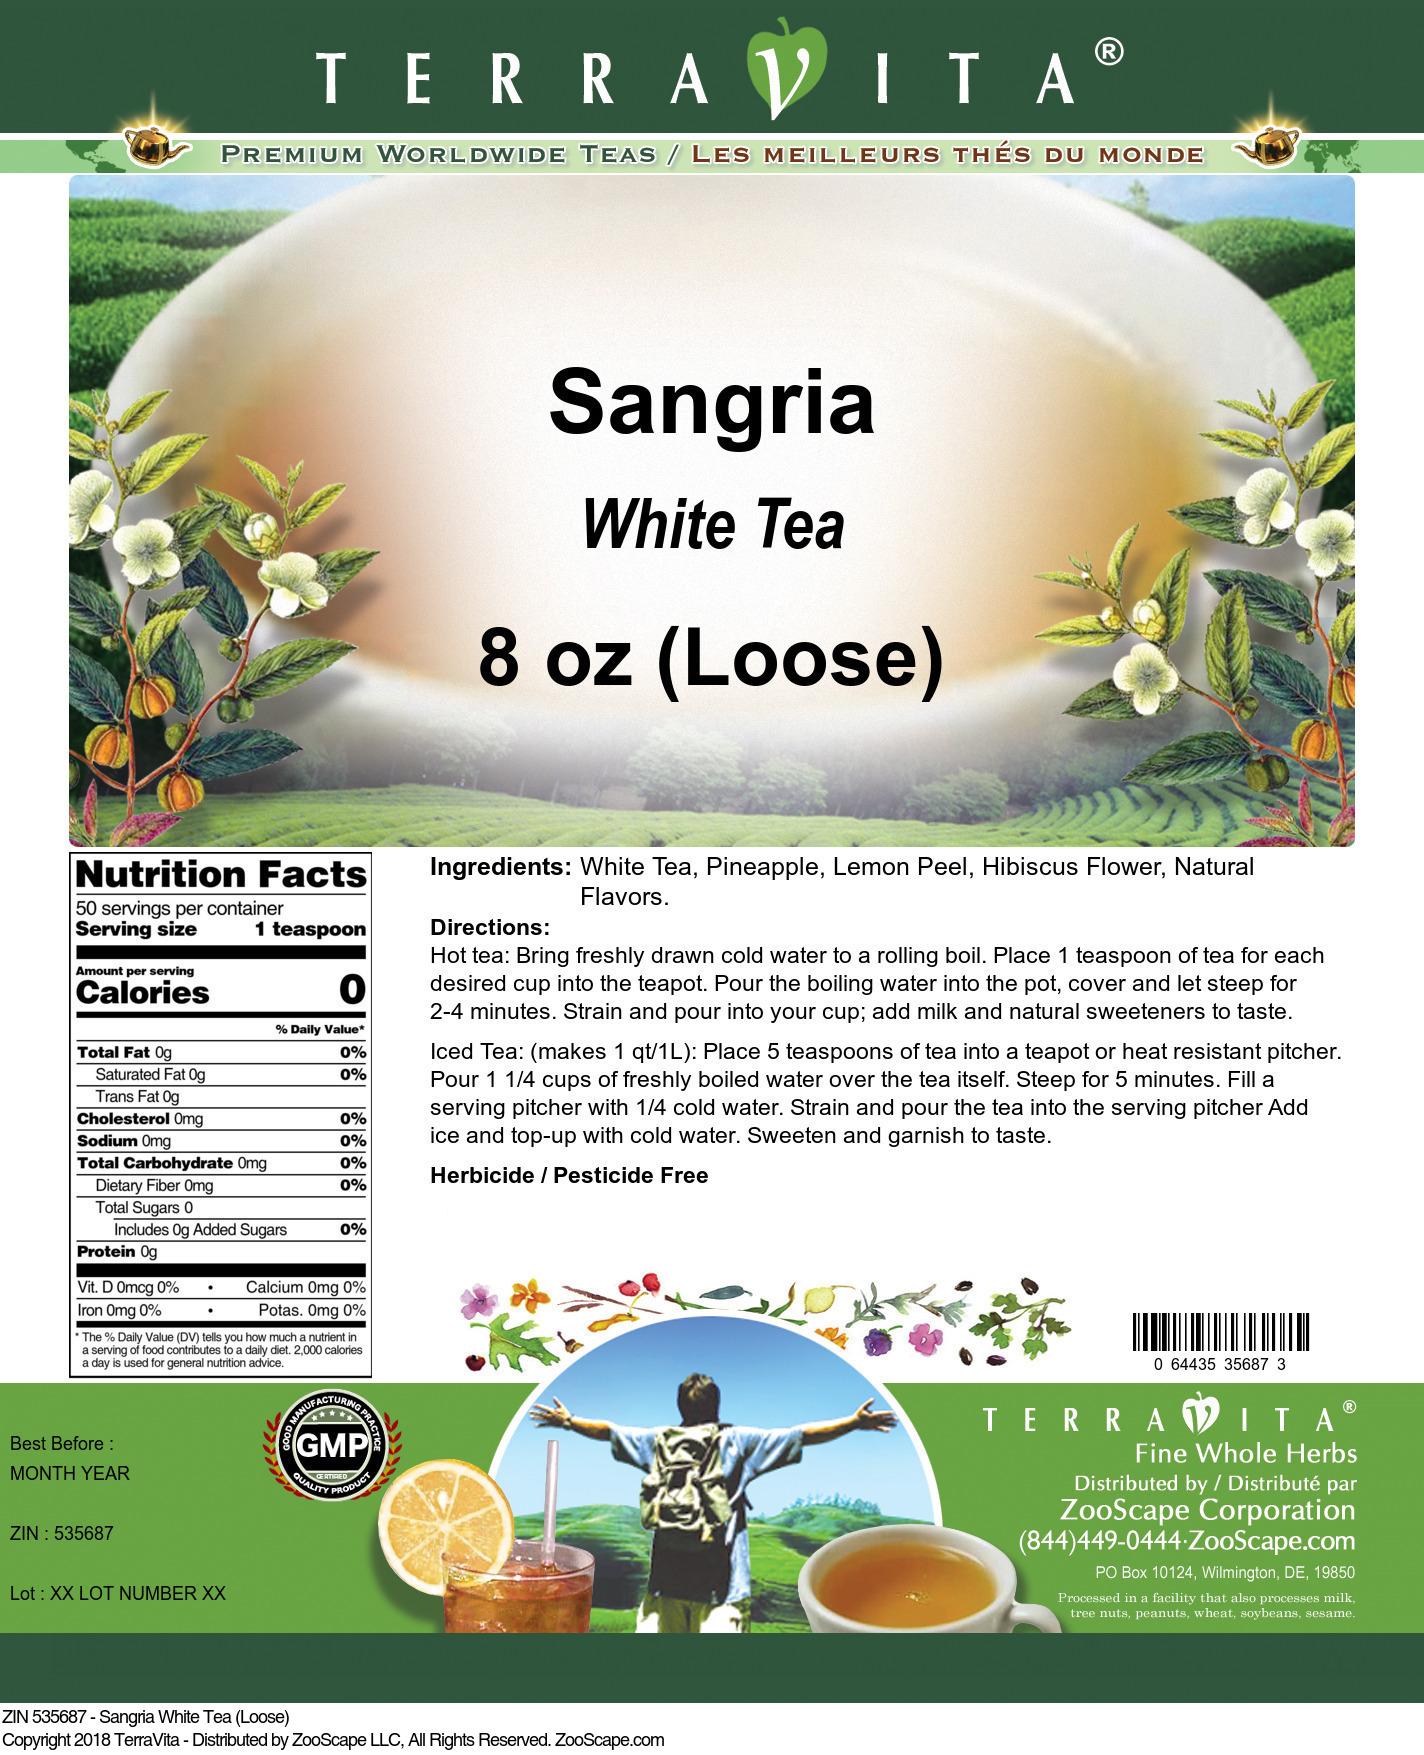 Sangria White Tea